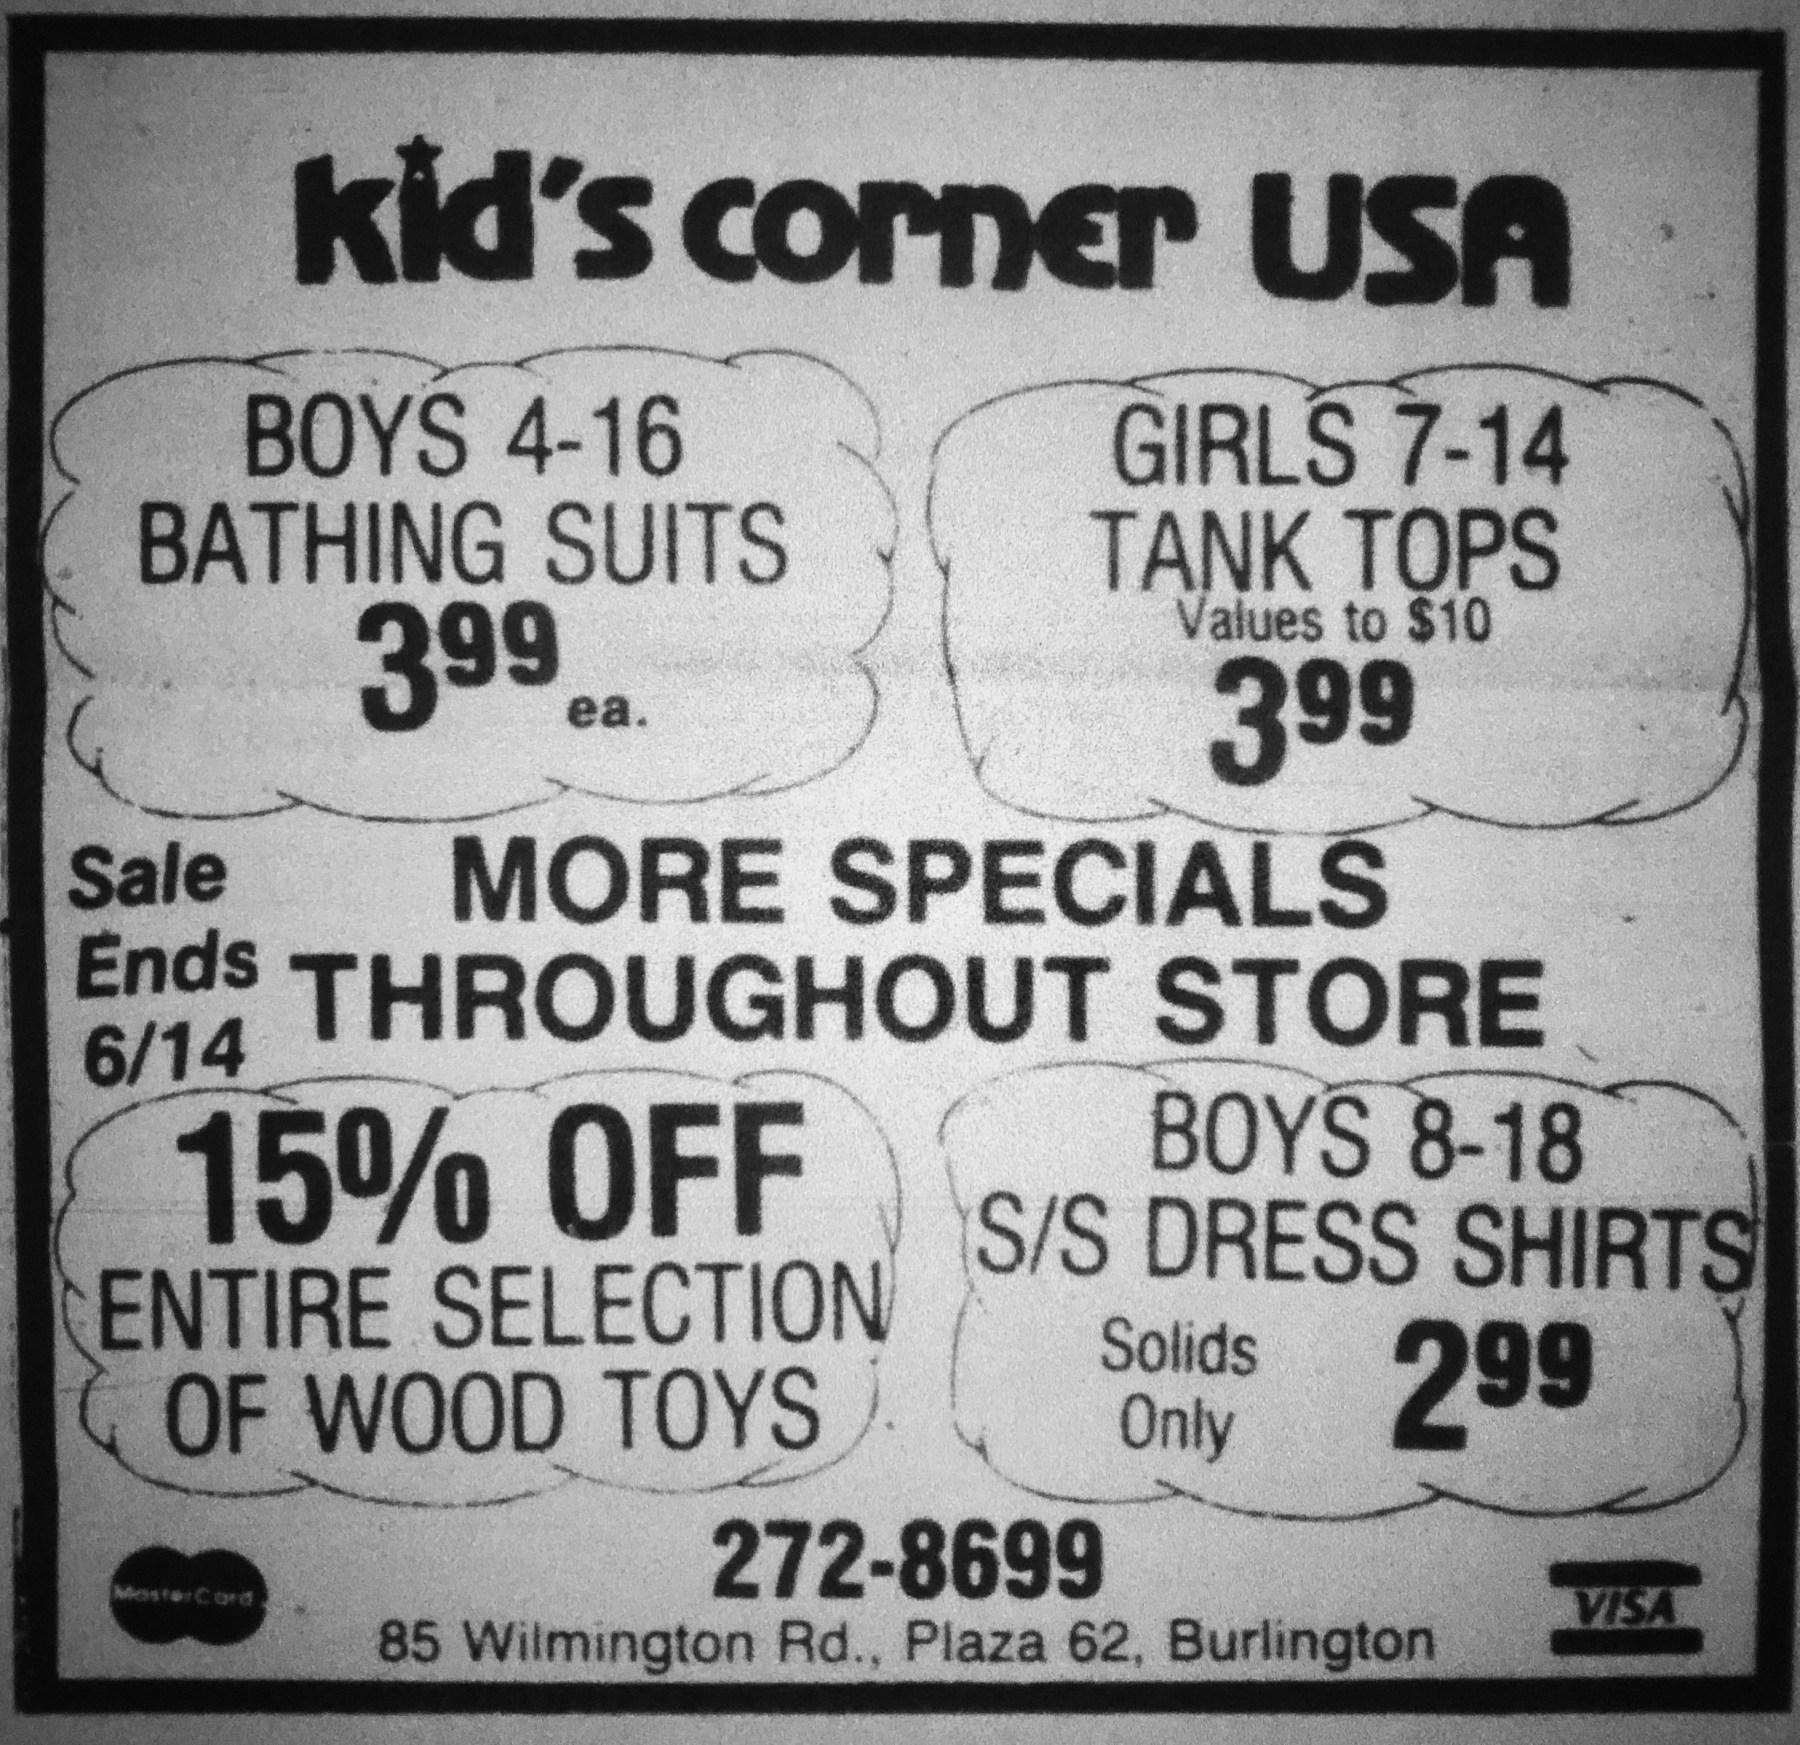 Kid's Corner USA, Burlington, MA